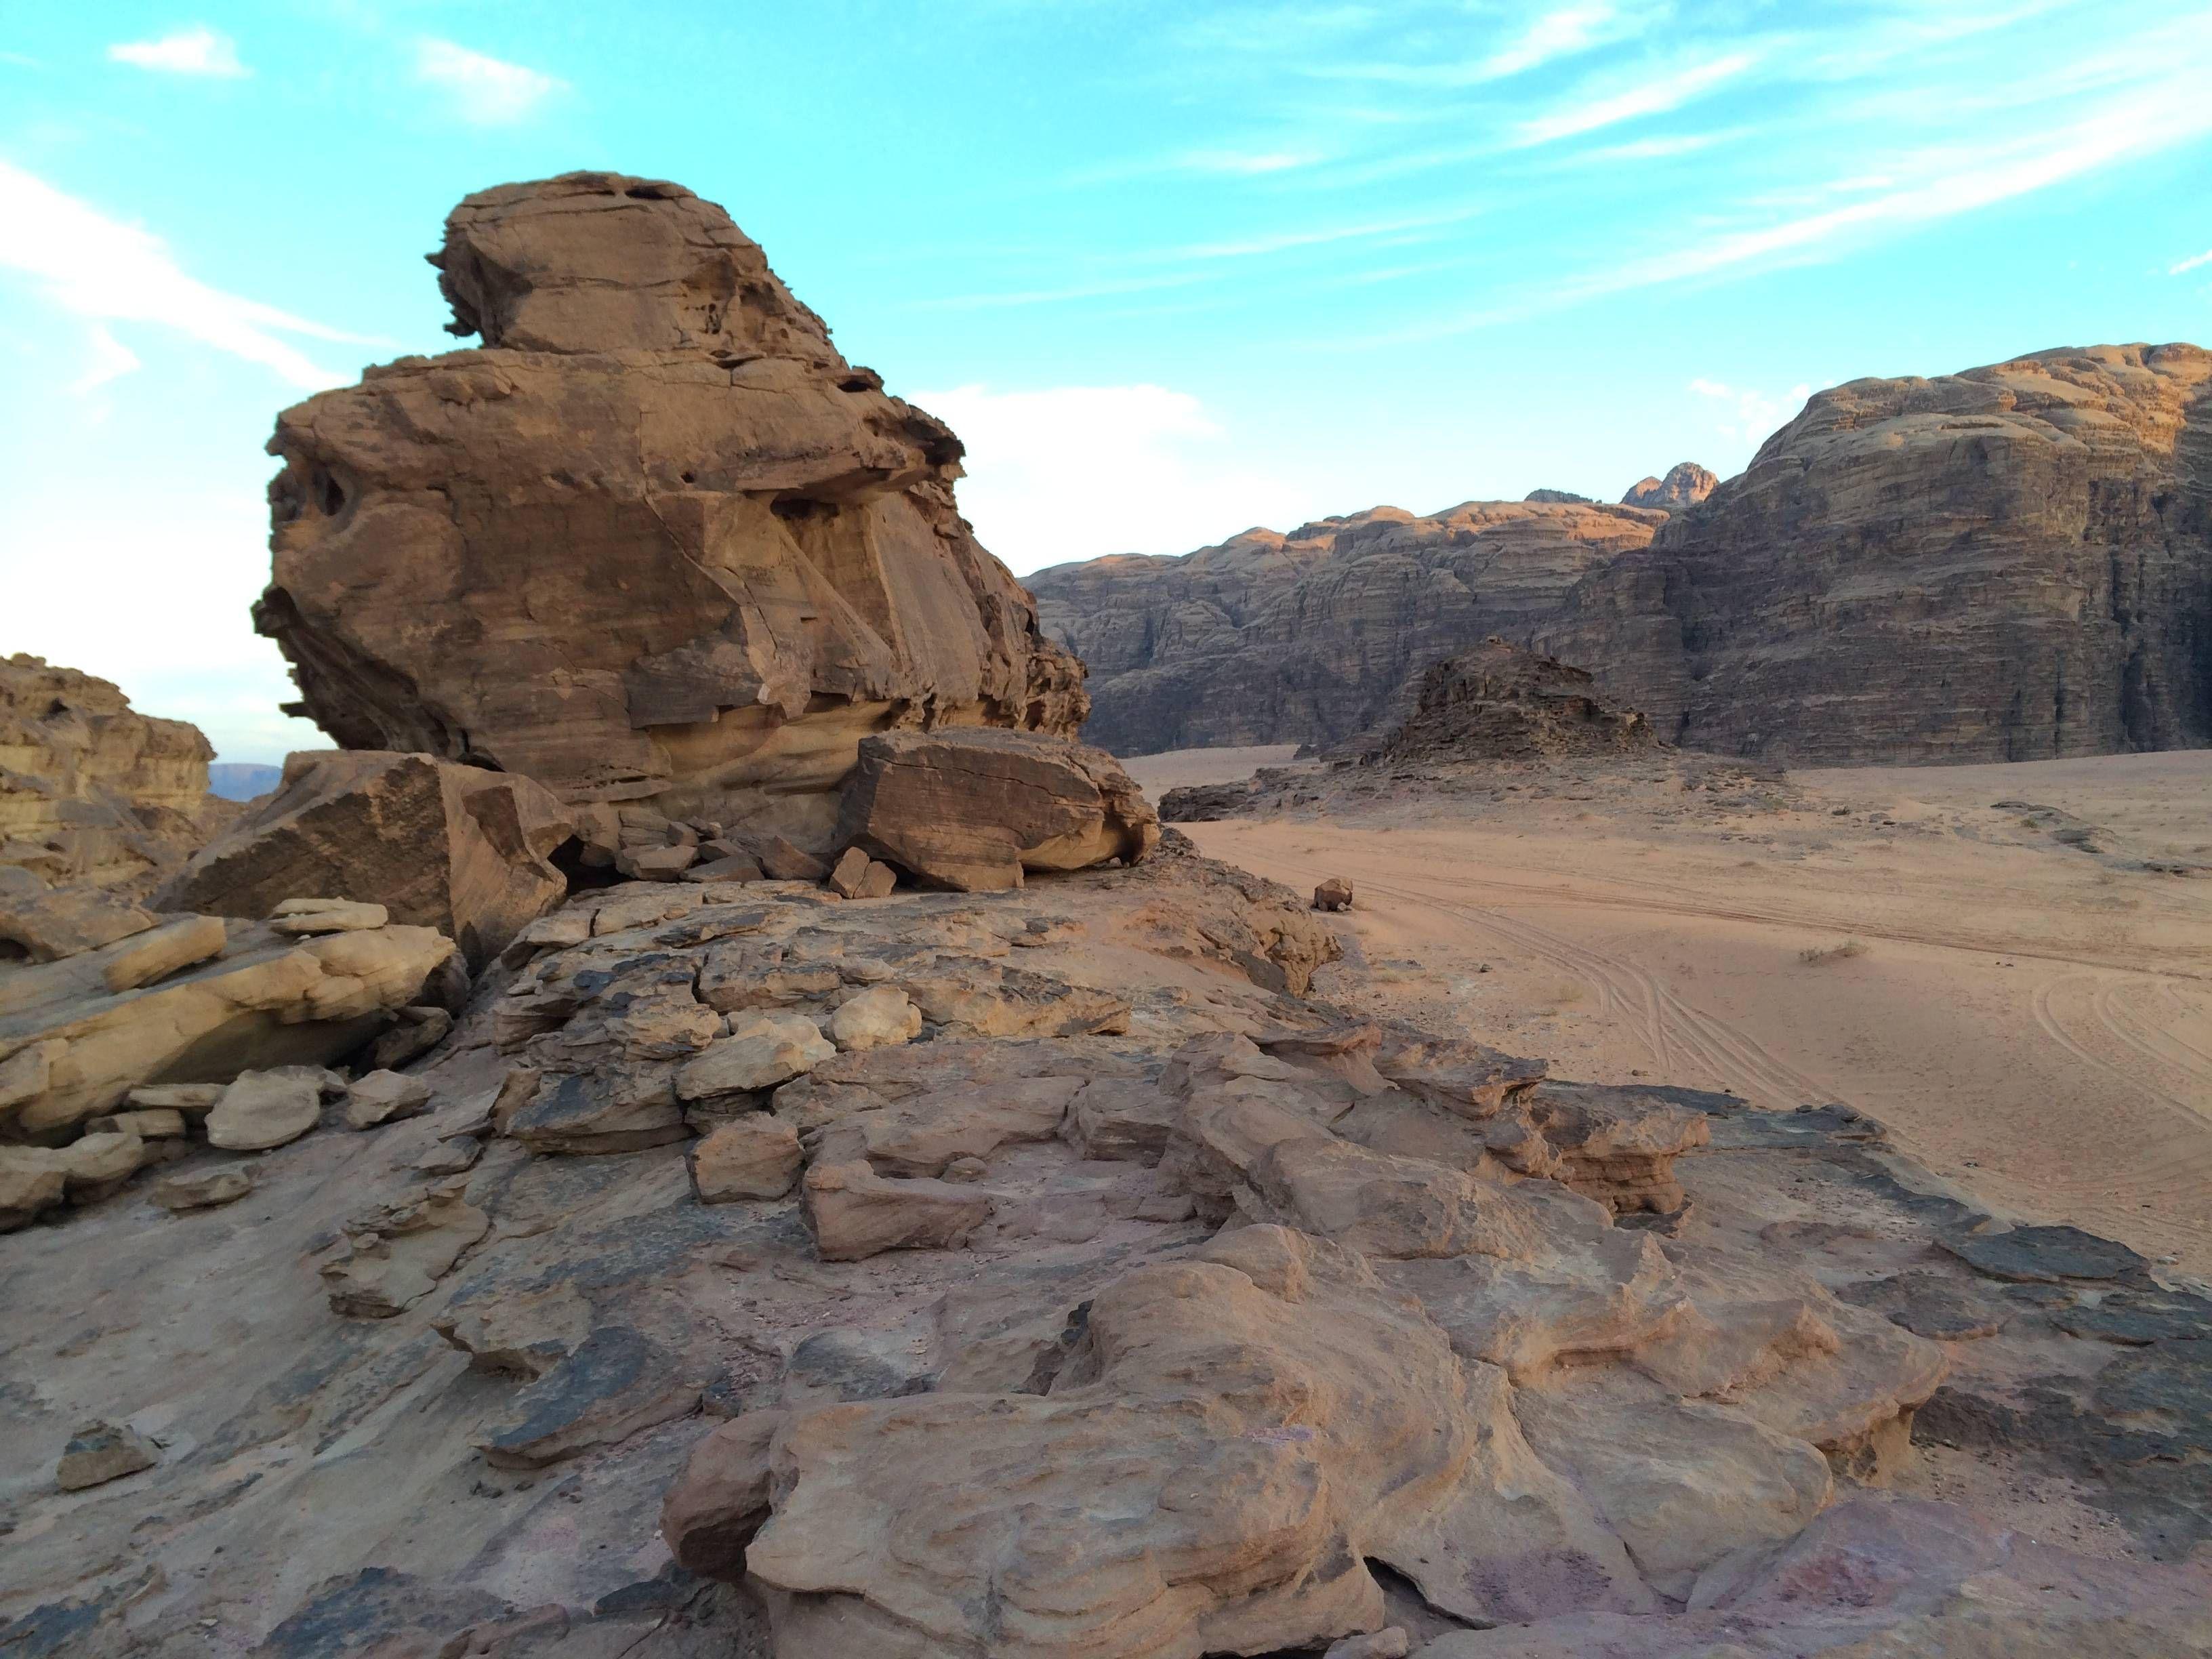 Rahayeb Desert Camp